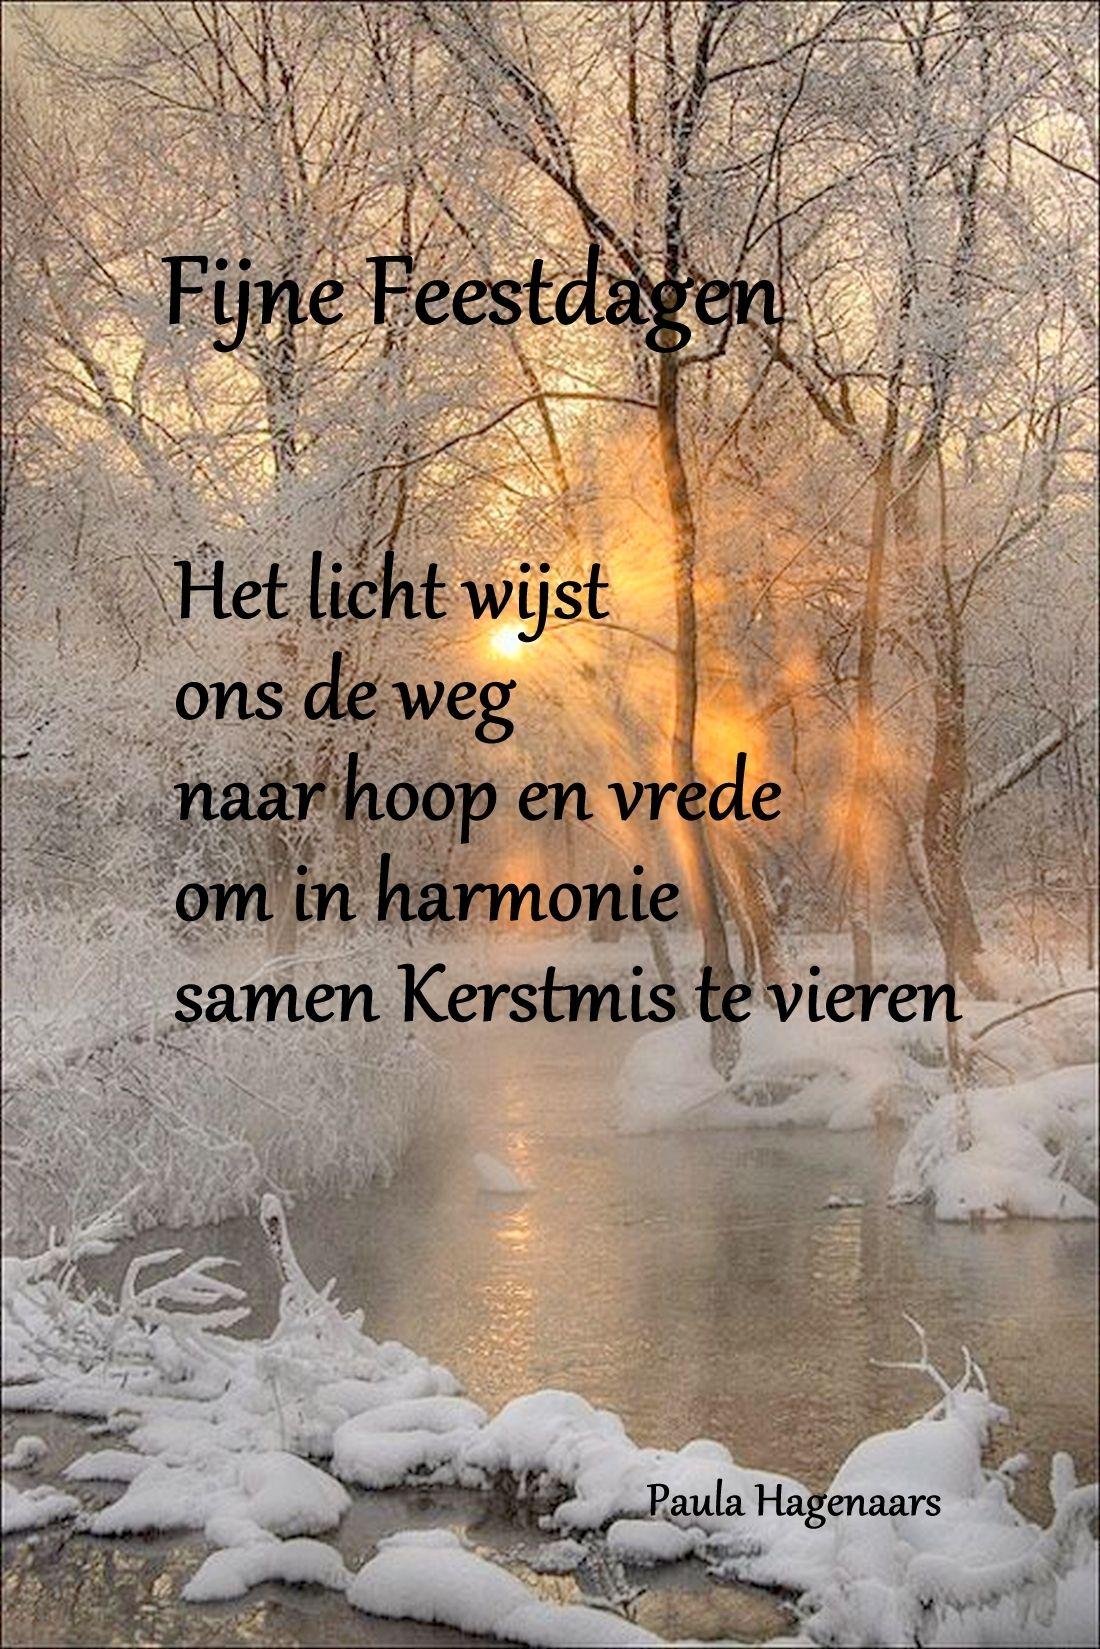 Niederländische Weihnachtsgedichte.Kerstmis Holländische Sprüche Sprüche